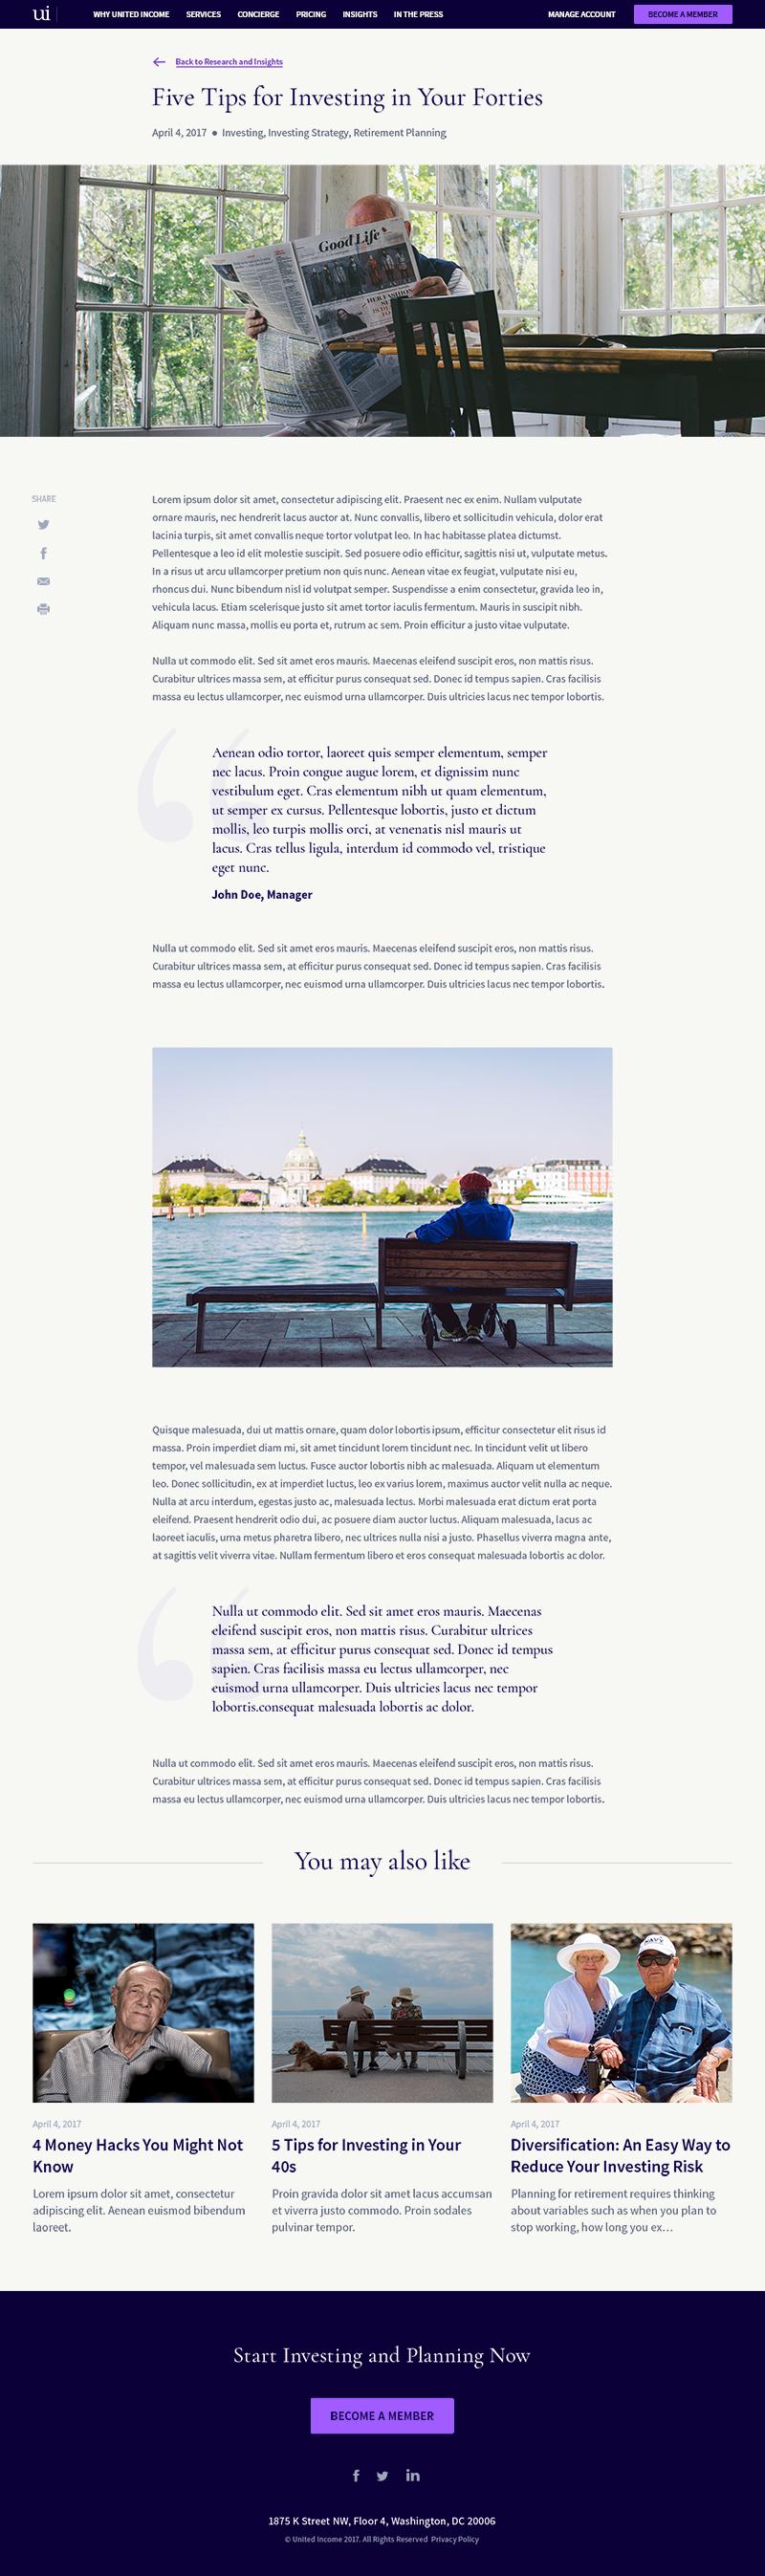 United Income Web Design